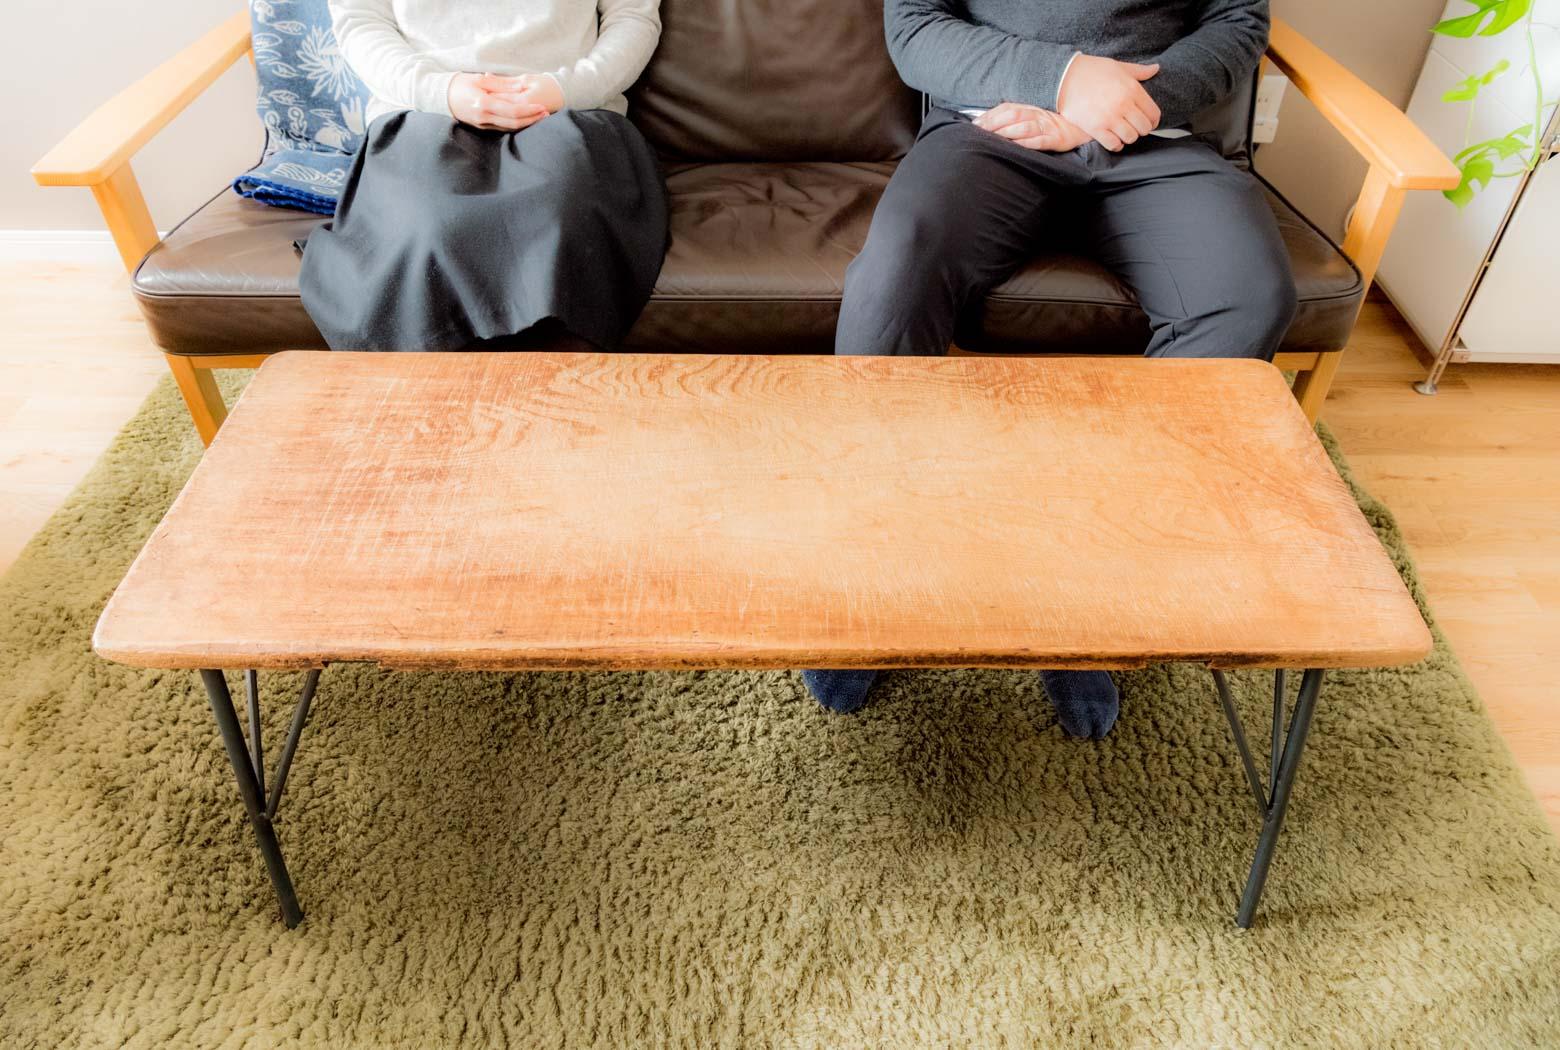 お気に入りのソファとローテーブル。餅を伸ばすために使っていたのし板を天板に再利用したものだそうだ。いい。すごくいい。「いつもこのソファにいます。すごくこの場所が気に入ってて」「そこでよく寝てるよね」